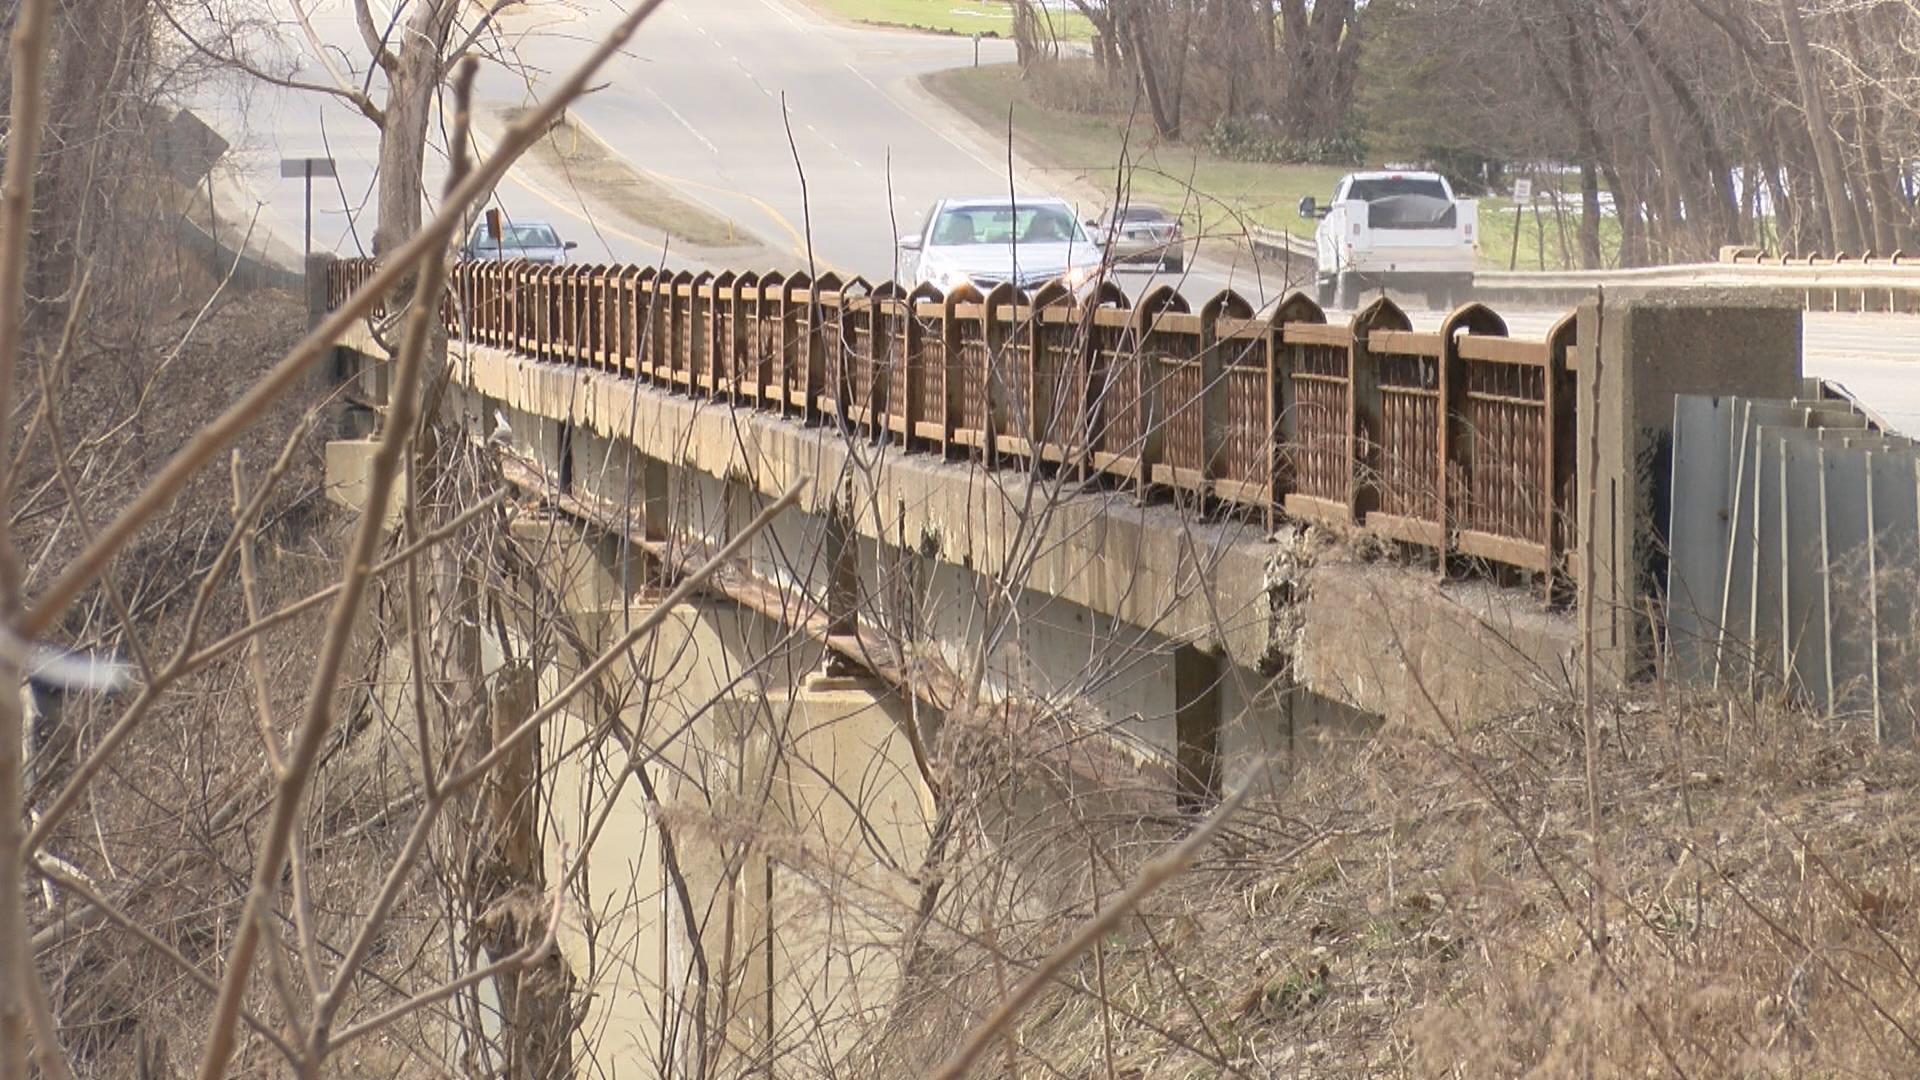 PennDOT Girard Bridge VO_frame_229_1528854875370.jpg.jpg